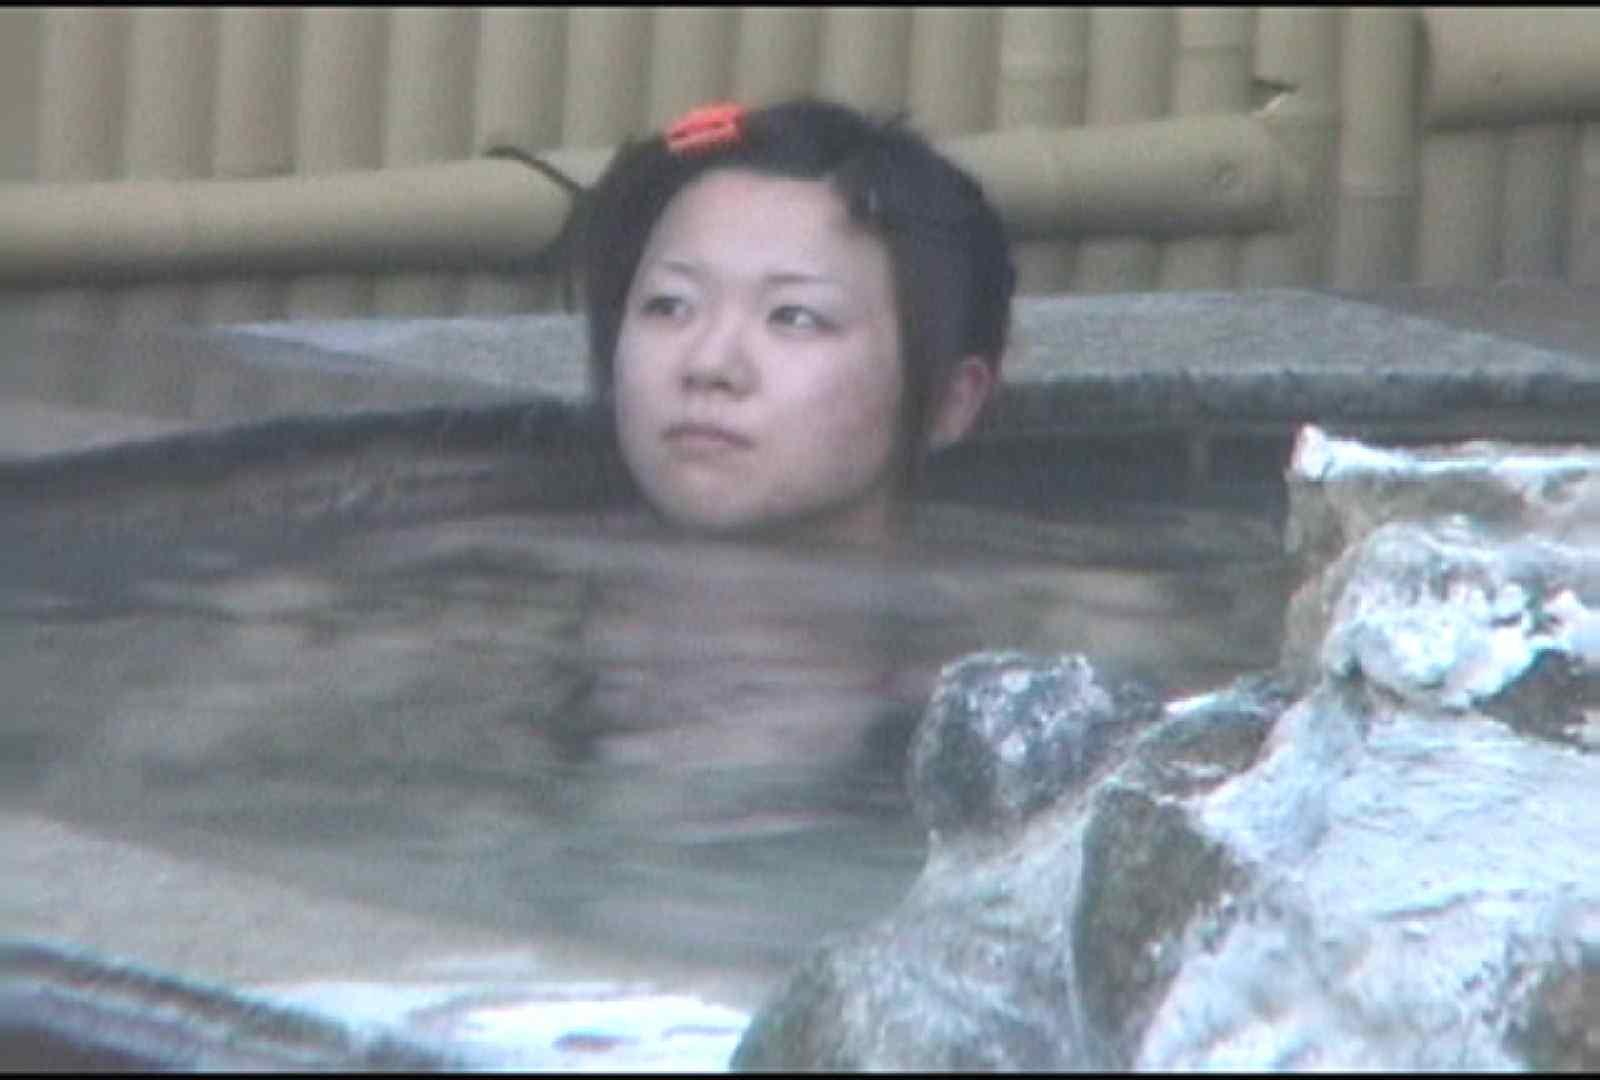 Aquaな露天風呂Vol.175 OLのエロ生活  71連発 60